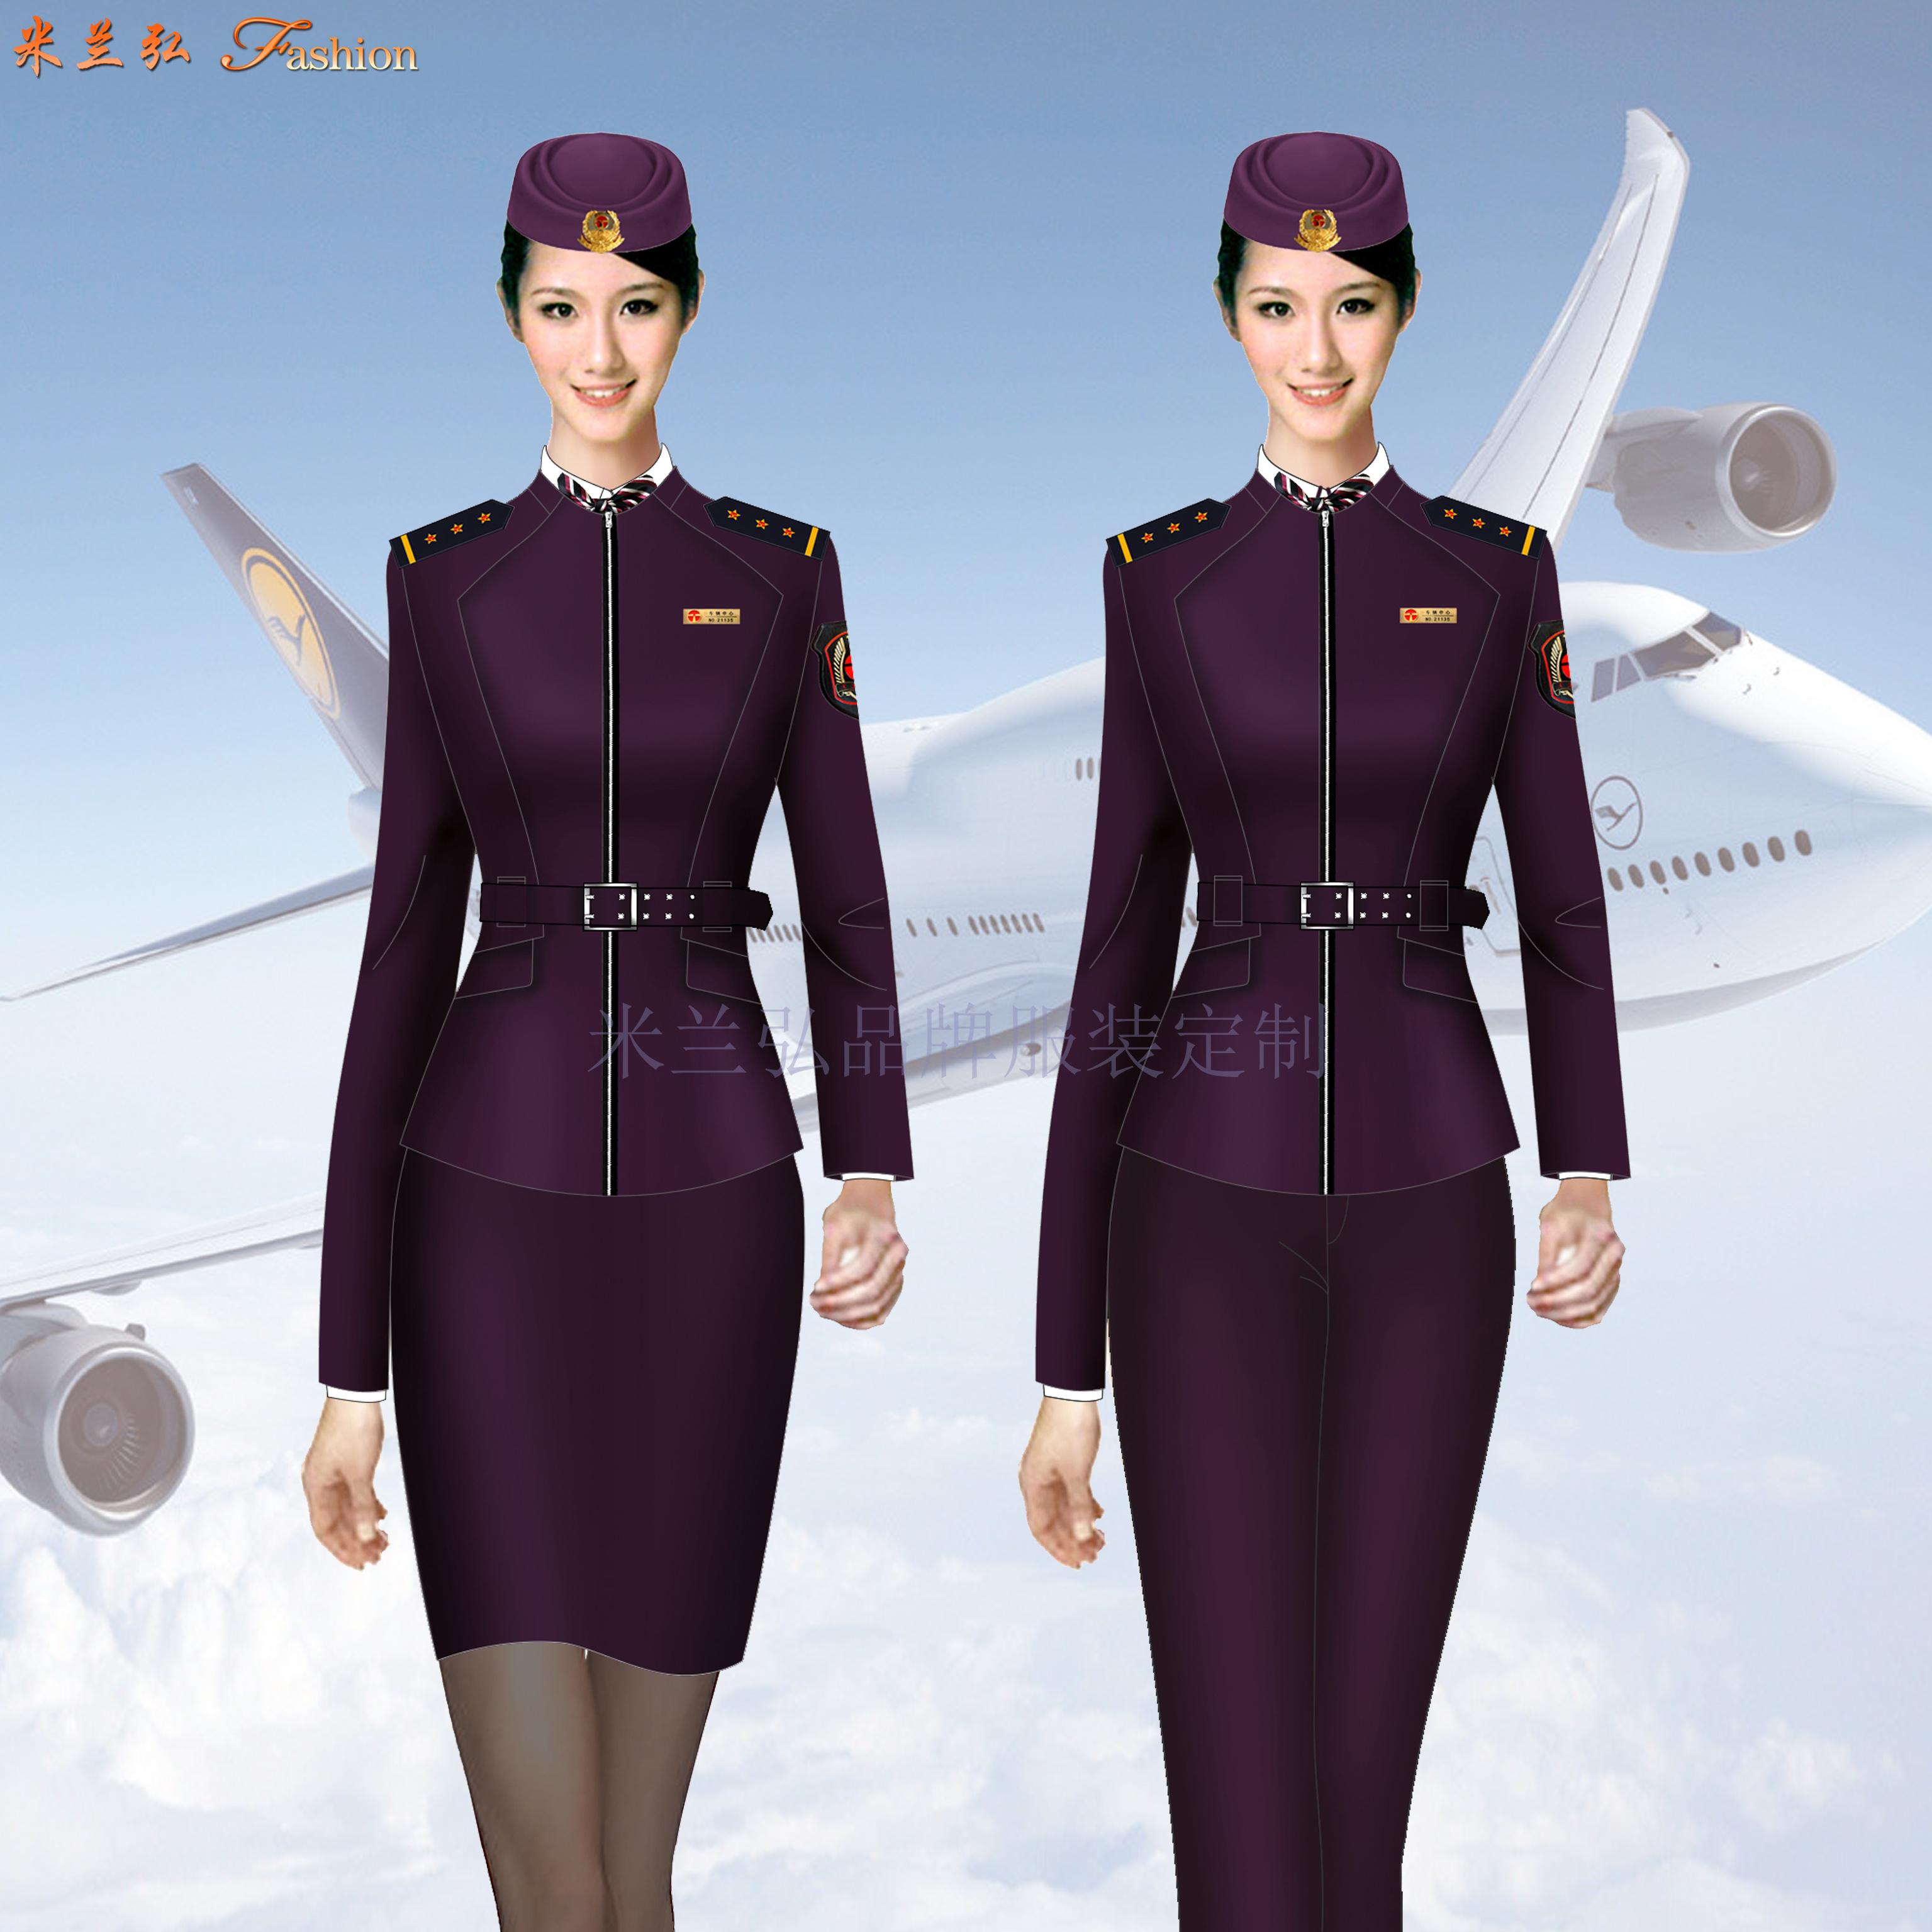 江西高铁工作服定制-高铁服务员服装图片-米兰弘服装-2